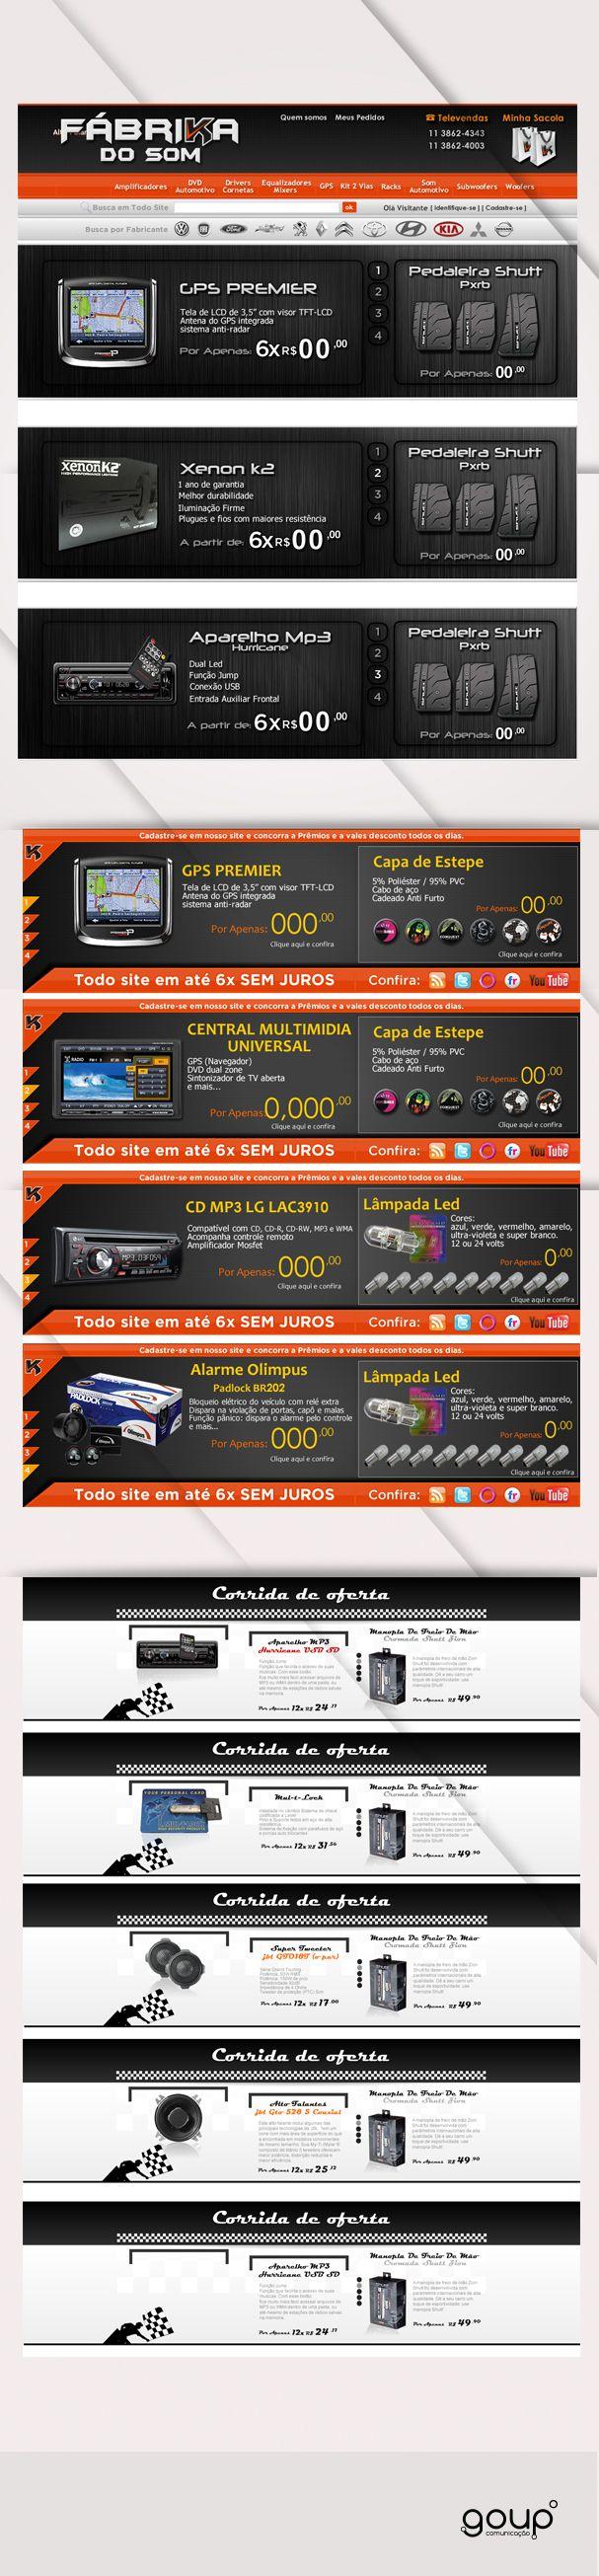 Banners Fabrikadosom.com.br